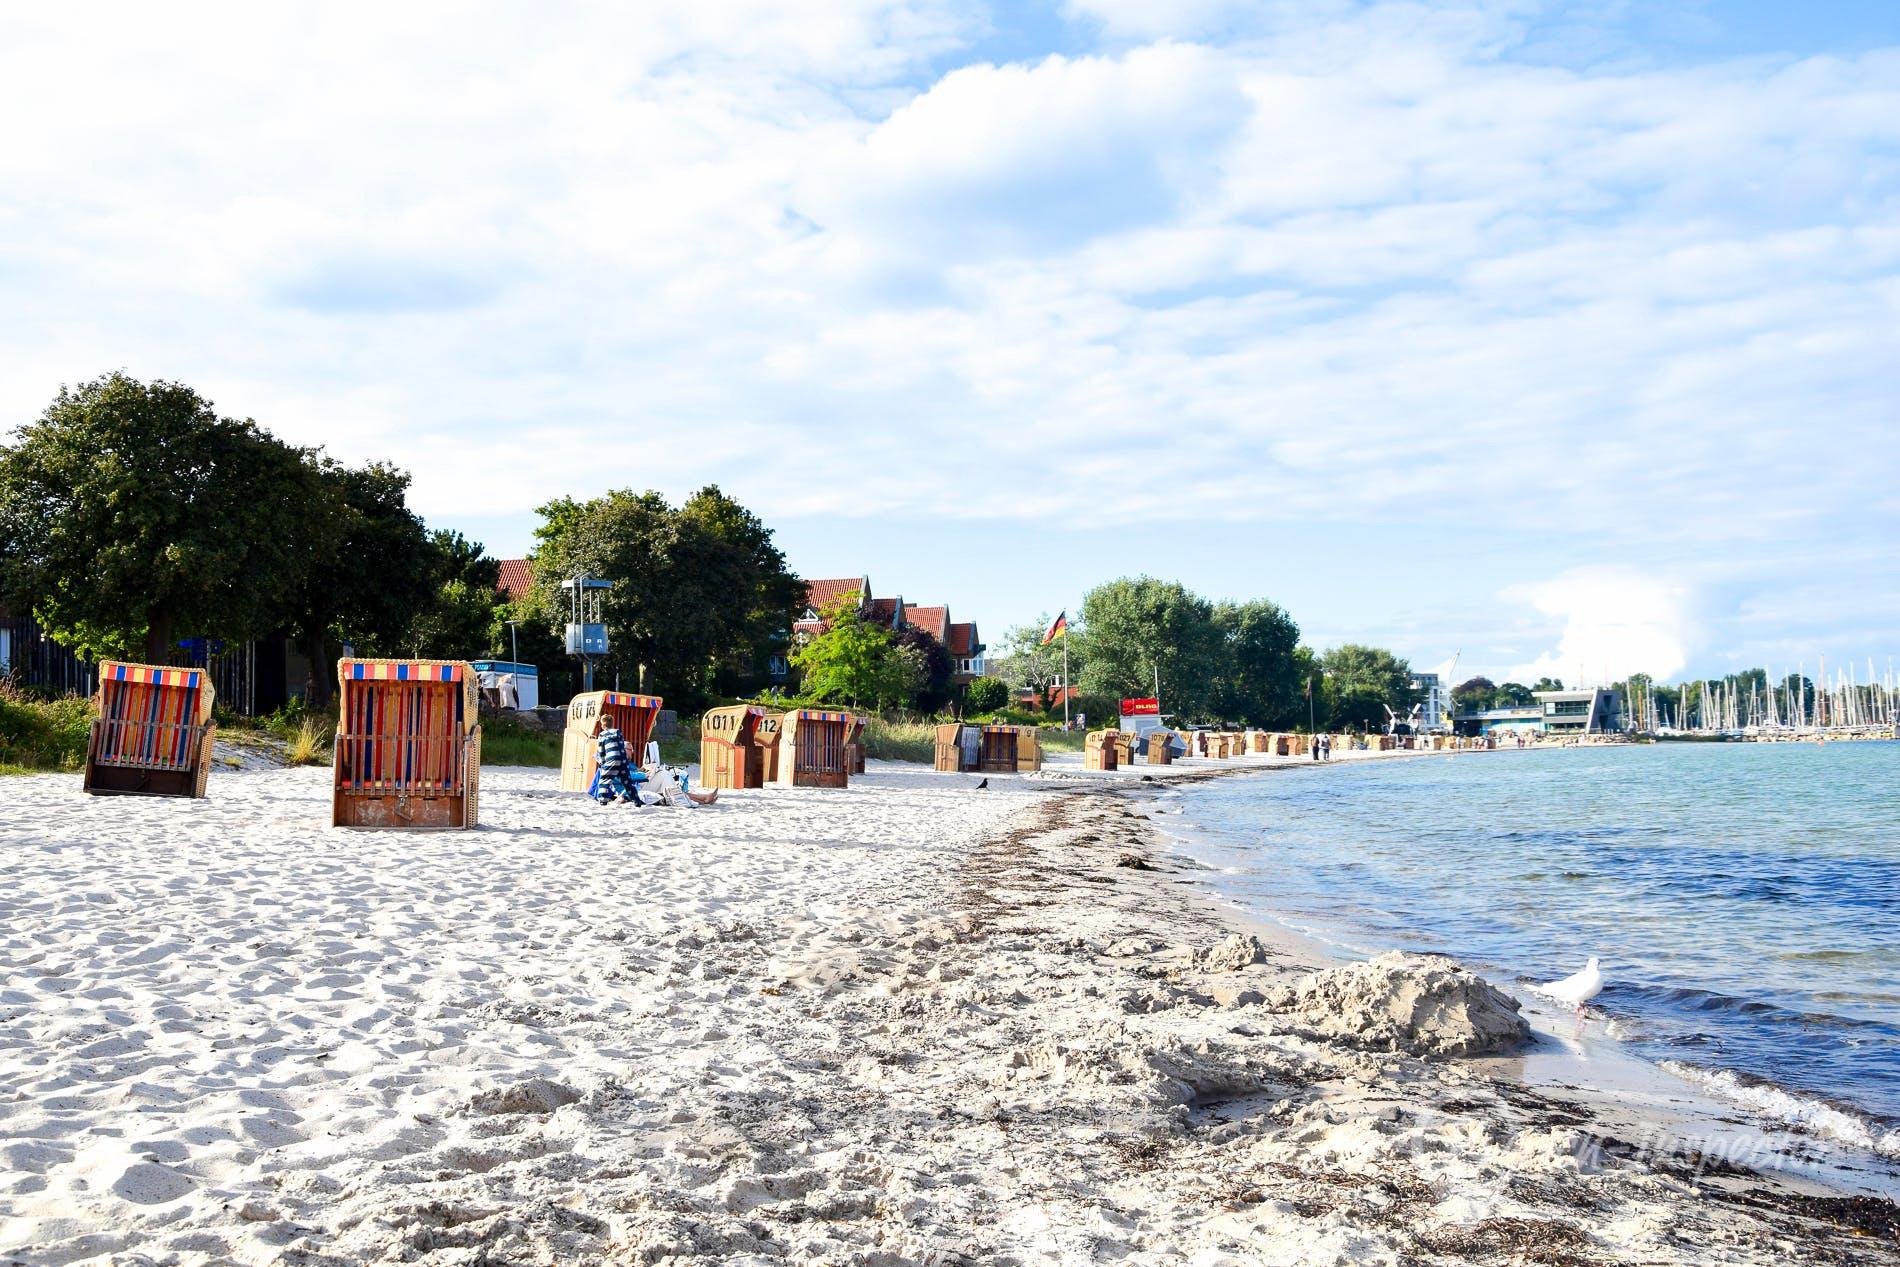 Strand Eckernförde Hauptstrand, Eckernförder Bucht, Deutschland